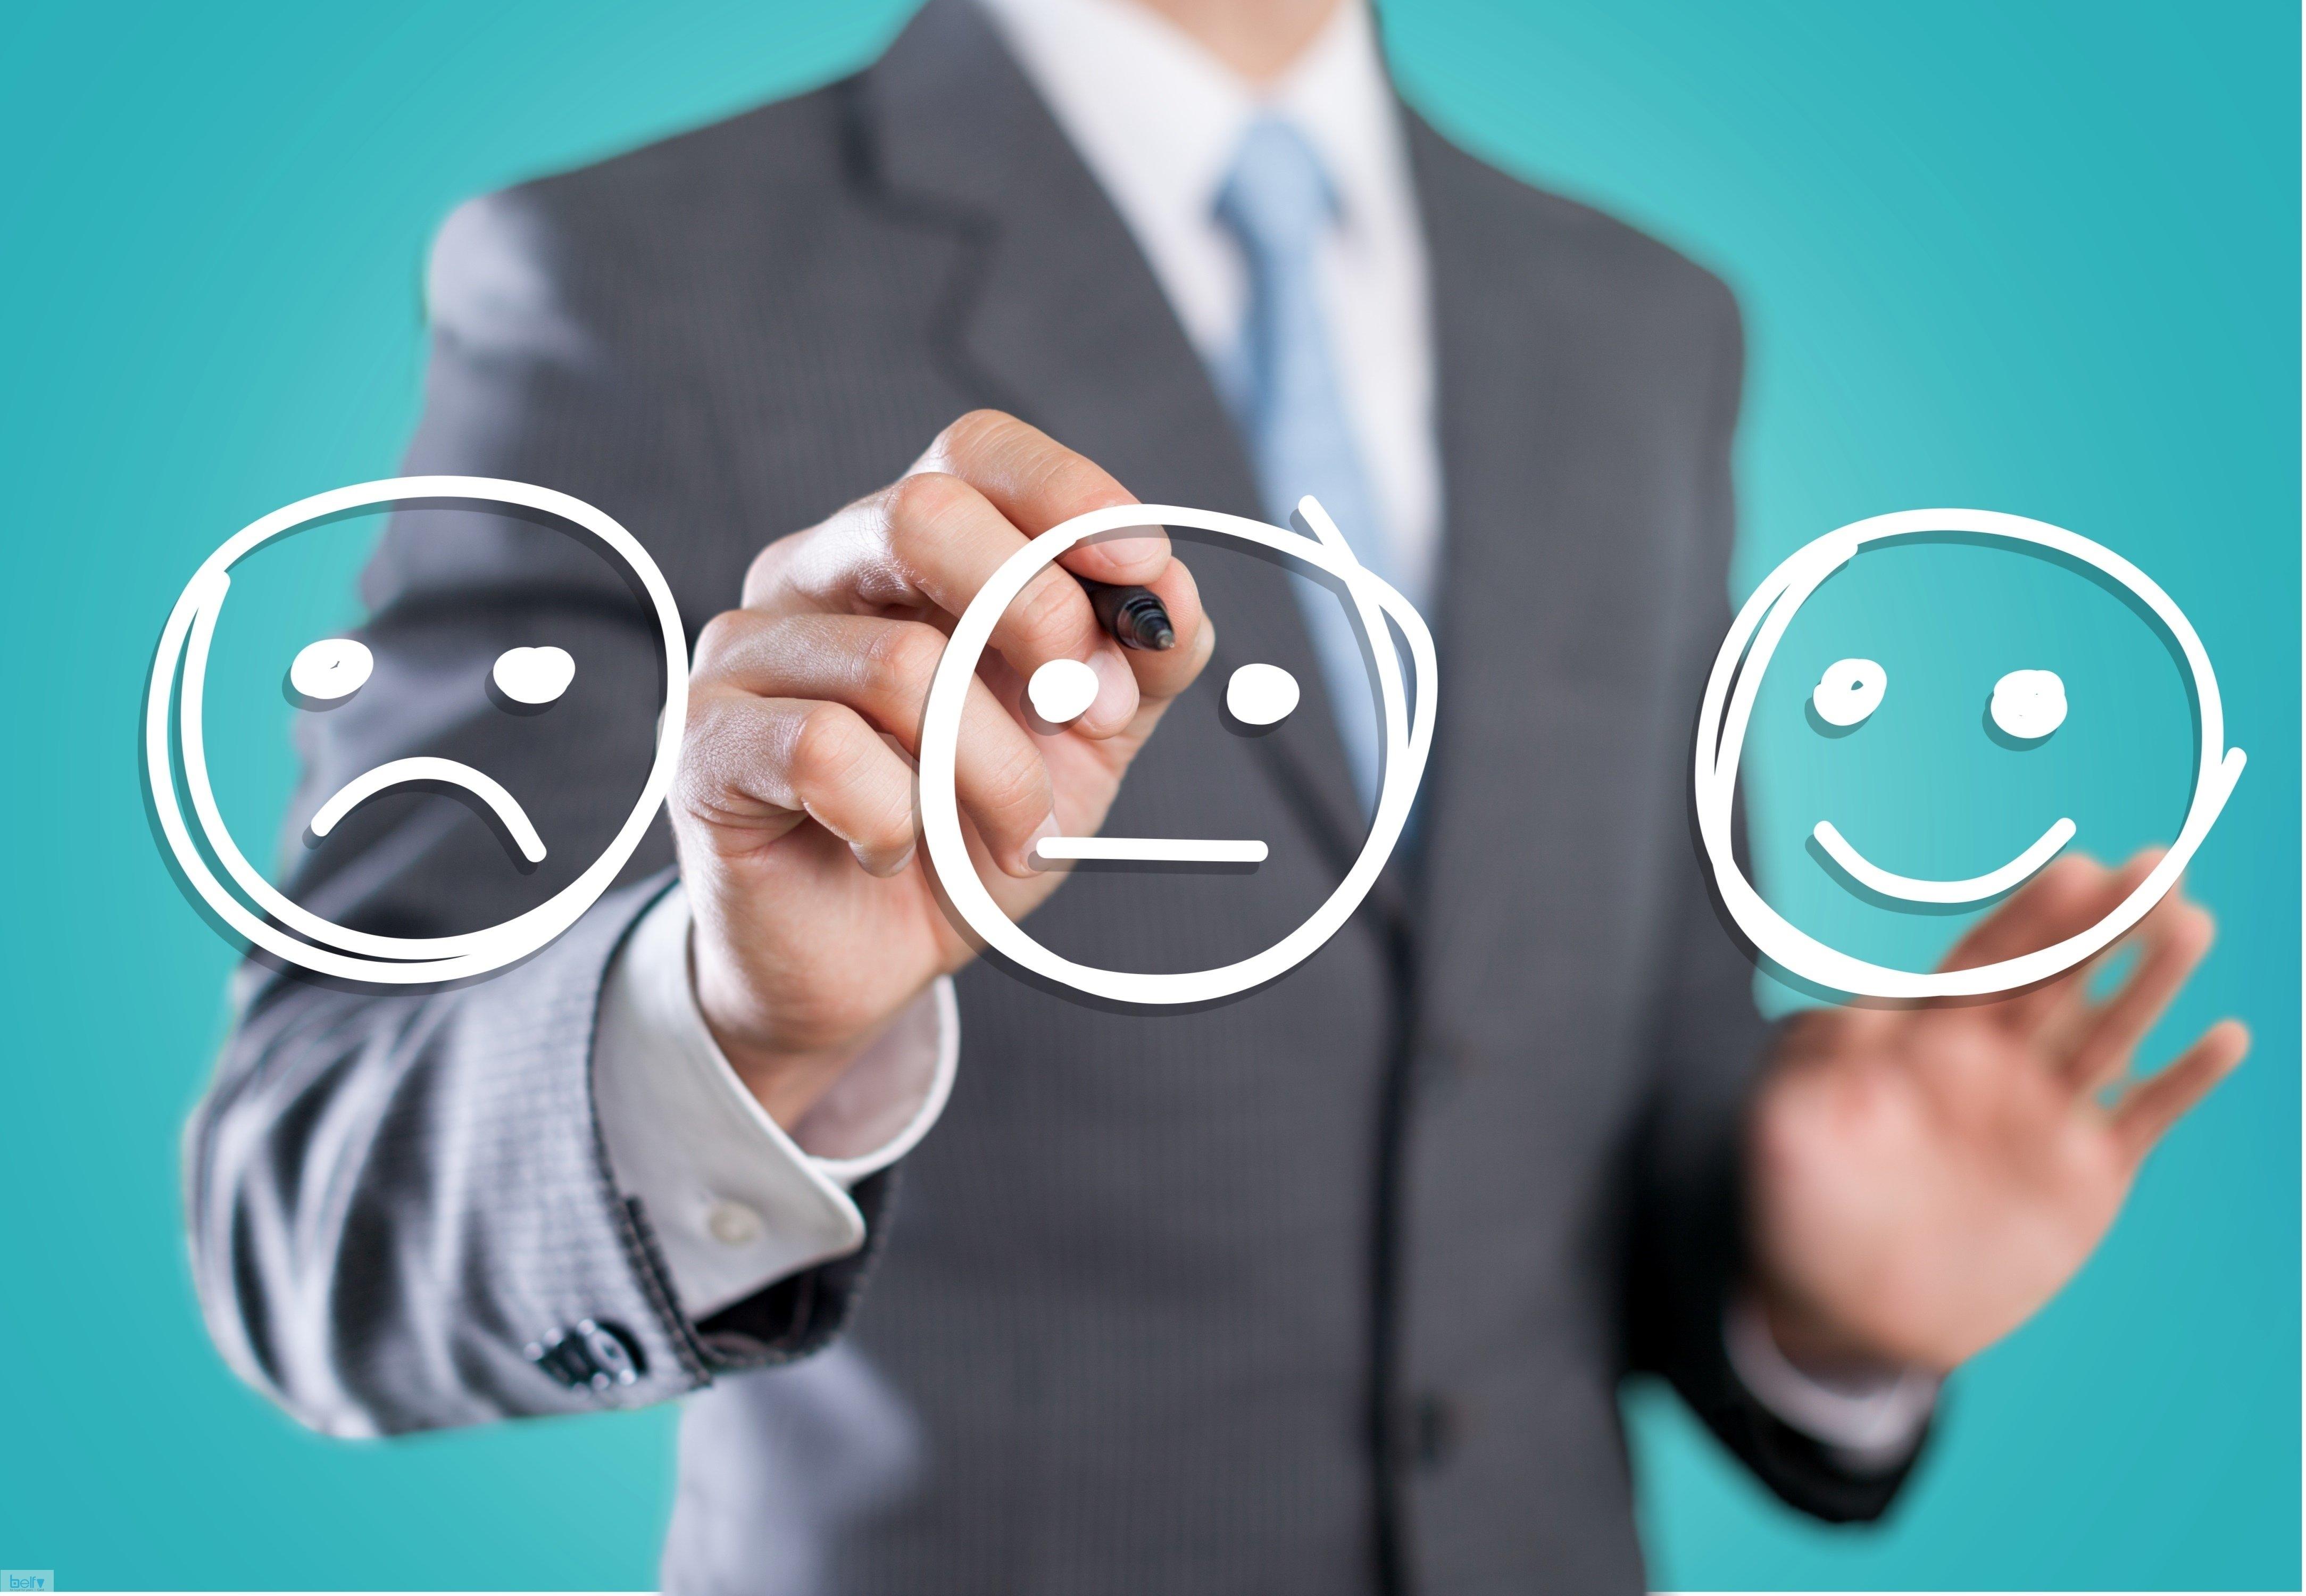 نحوه برخورد صحیح با مشتری ، چگونه با مشتری صحبت کنیم؟